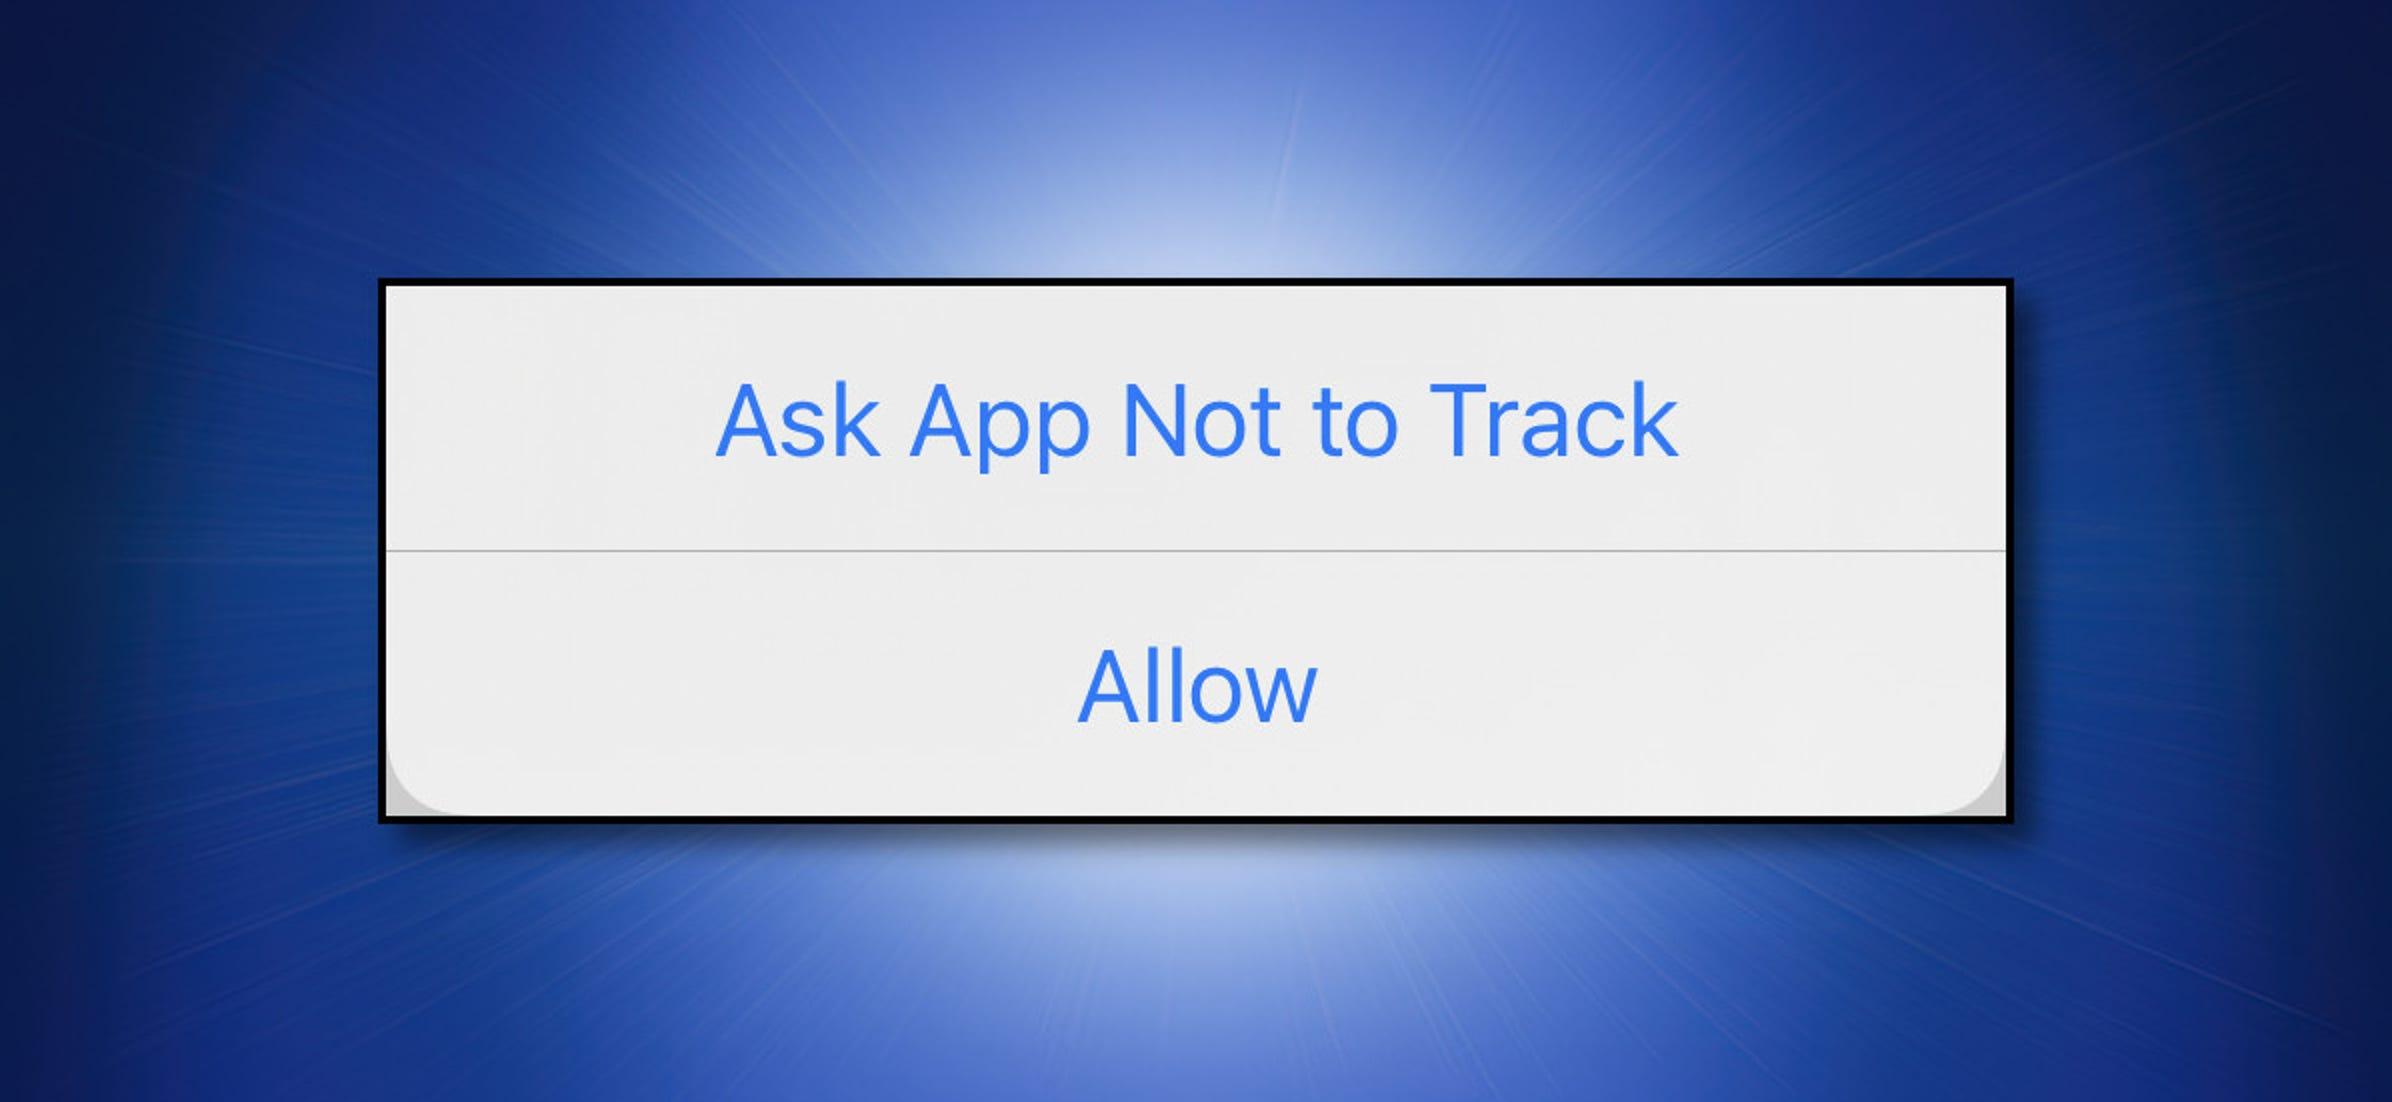 Cómo pedirle a las aplicaciones de iPhone y iPad que no lo rastreen en la Web